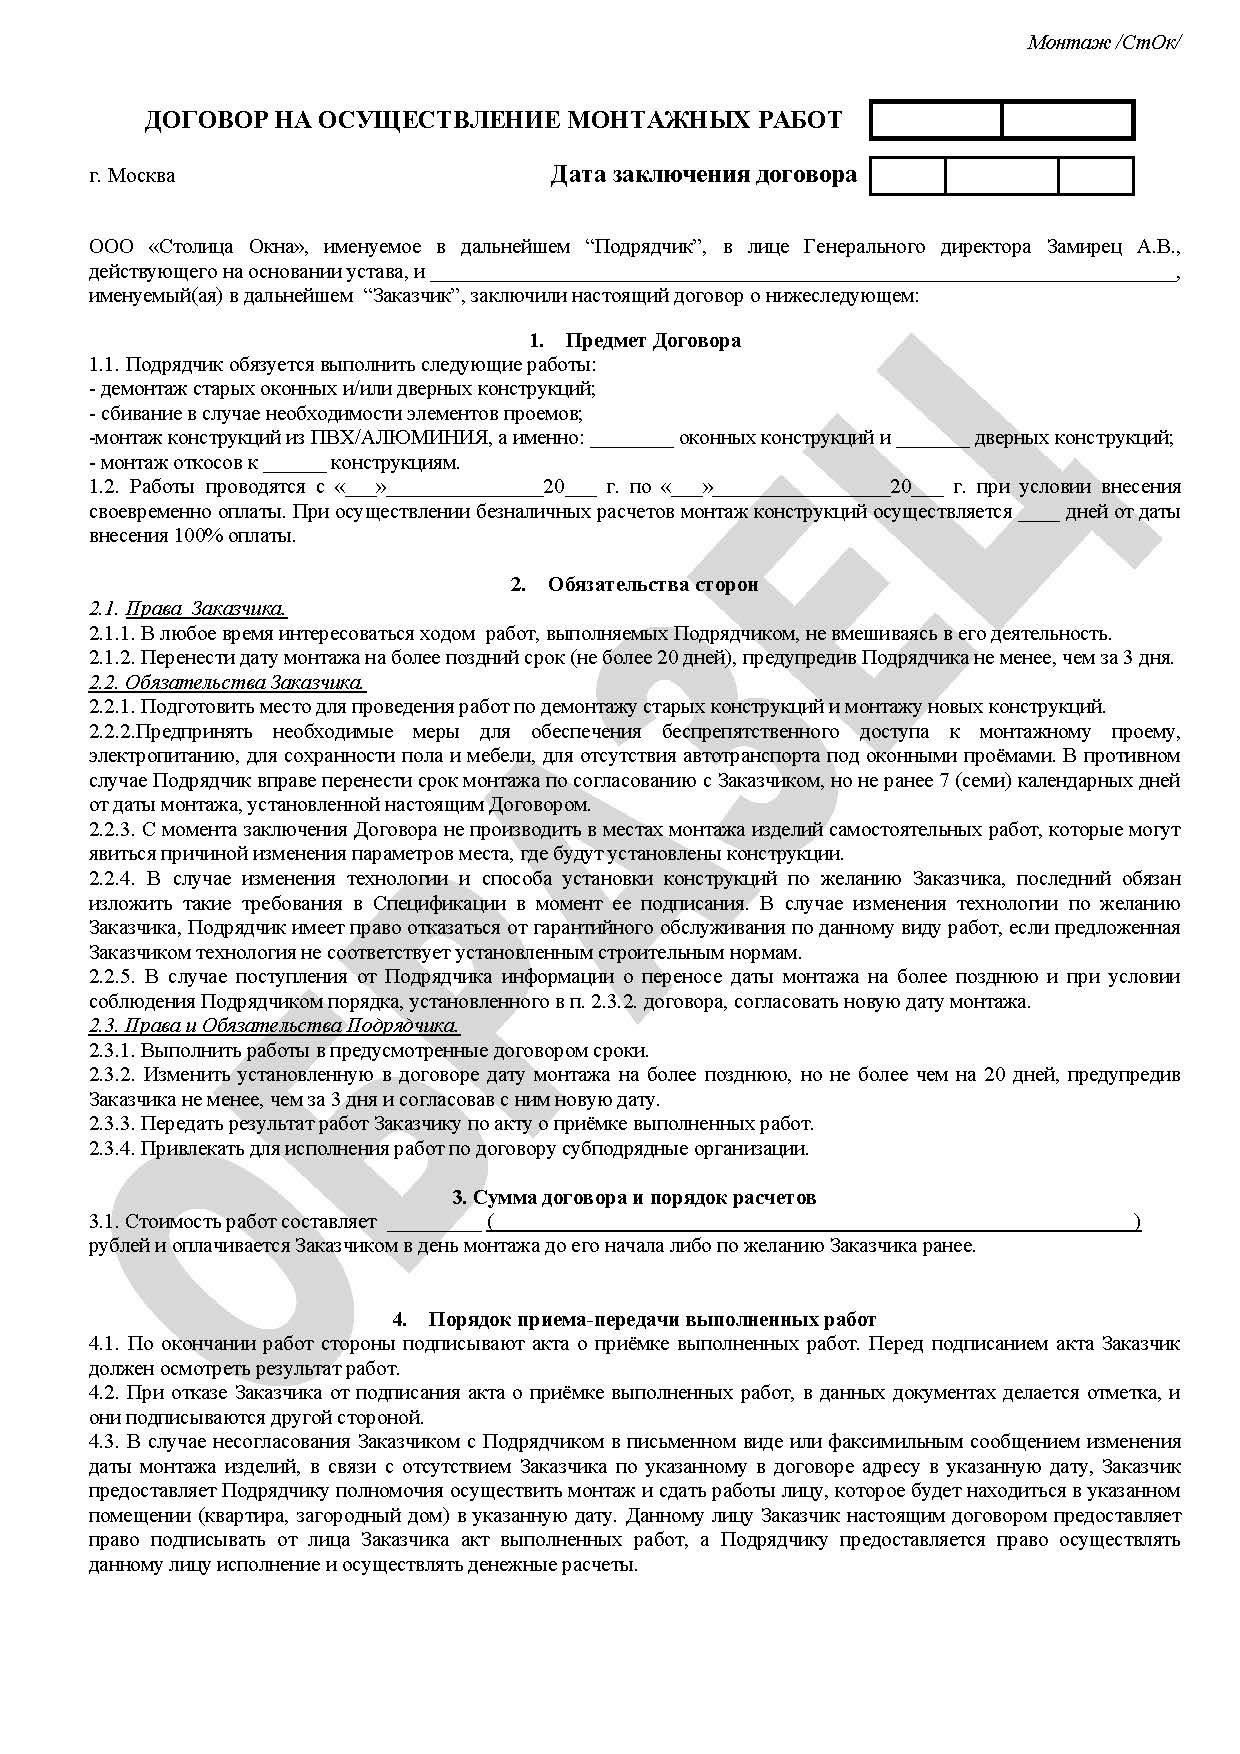 Договор поставки материалов образец 2018 скачать бесплатно